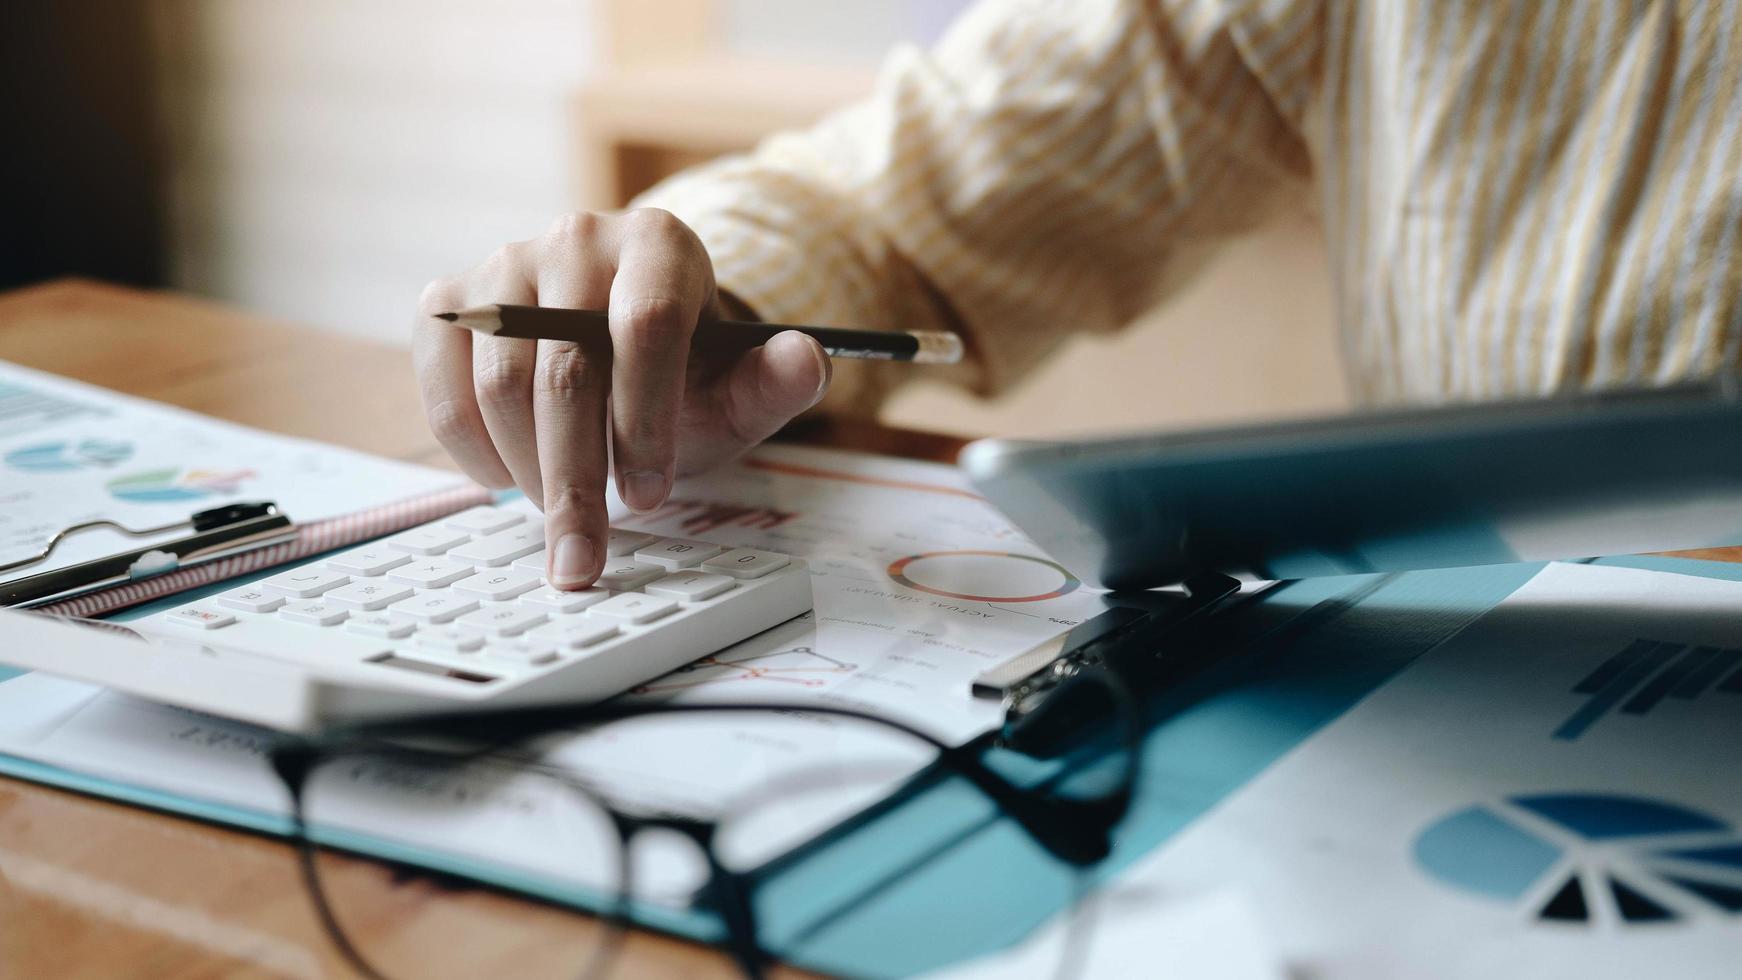 Frau Buchhaltung mit Berechnung und Arbeit mit Laptop-Computer auf Schreibtisch Büro, Finanzkonzept foto